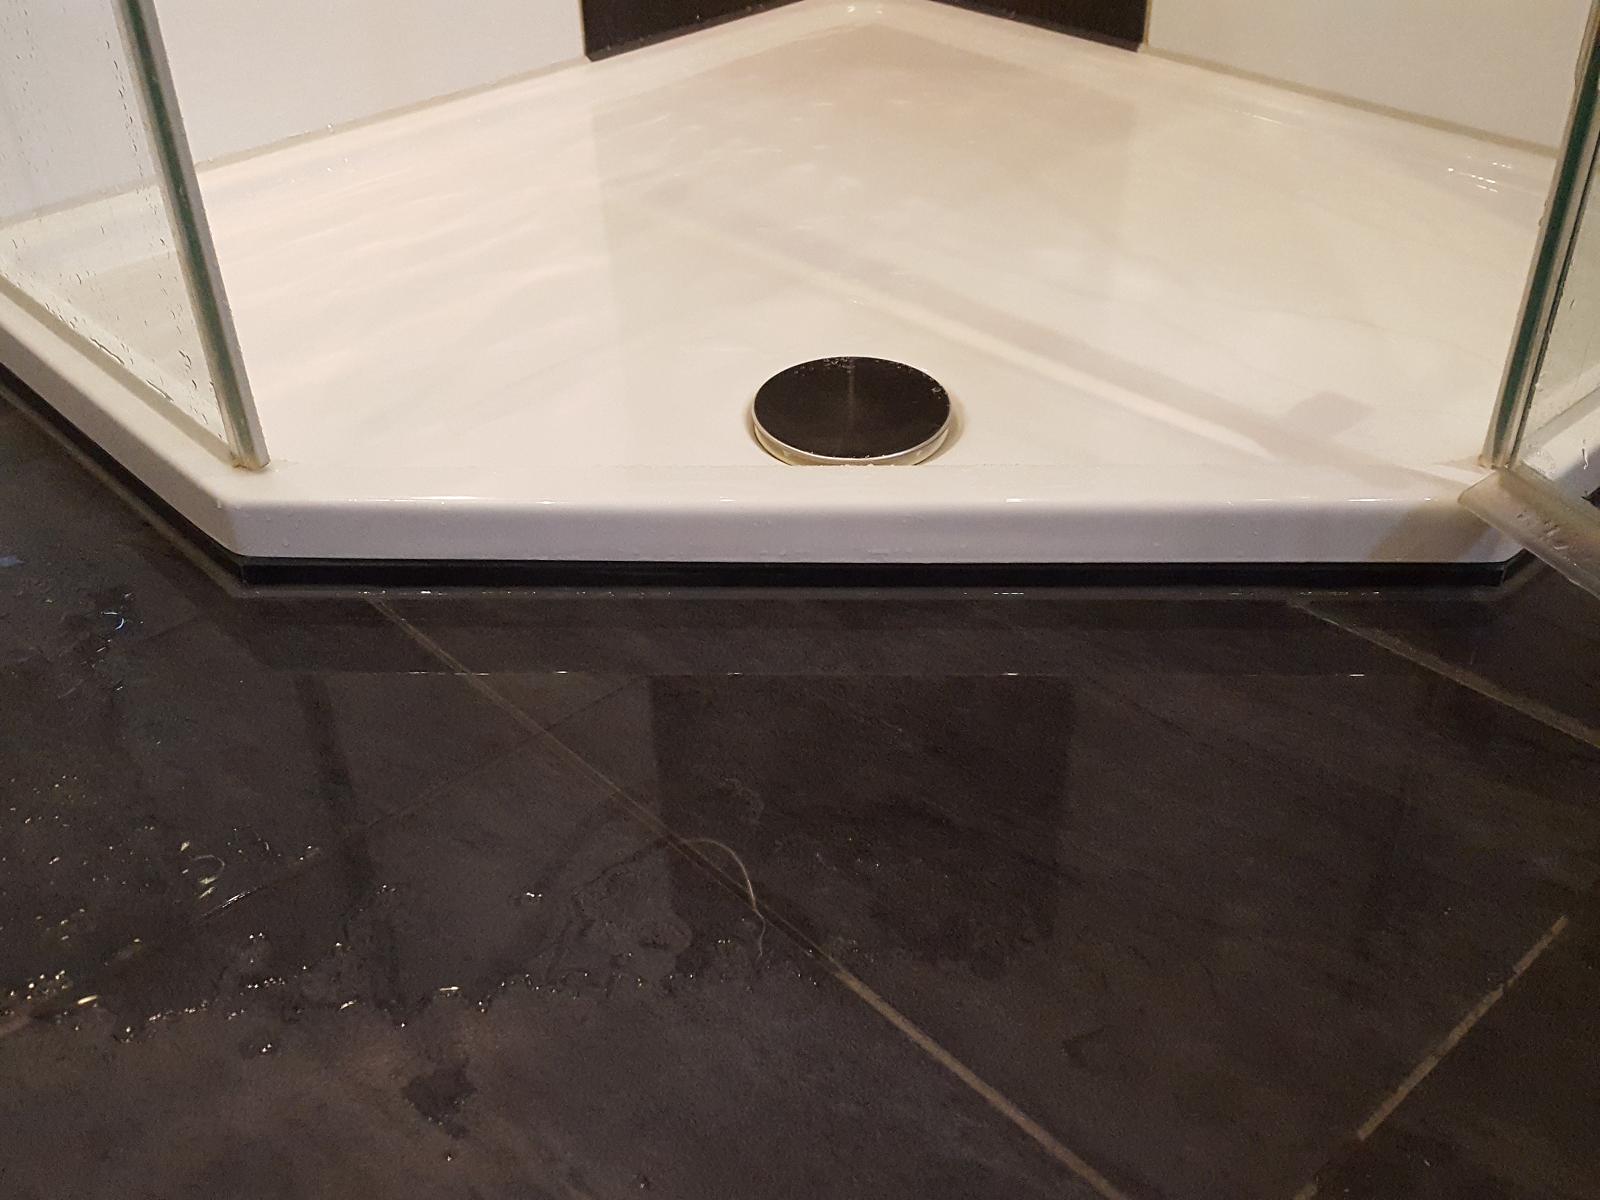 Full Size of Bodengleiche Dusche Nachtrglich Installieren Vorteile Walk In Thermostat Fliesenspiegel Küche Selber Machen Fliesen Für Komplett Set 90x90 Bluetooth Dusche Begehbare Dusche Fliesen